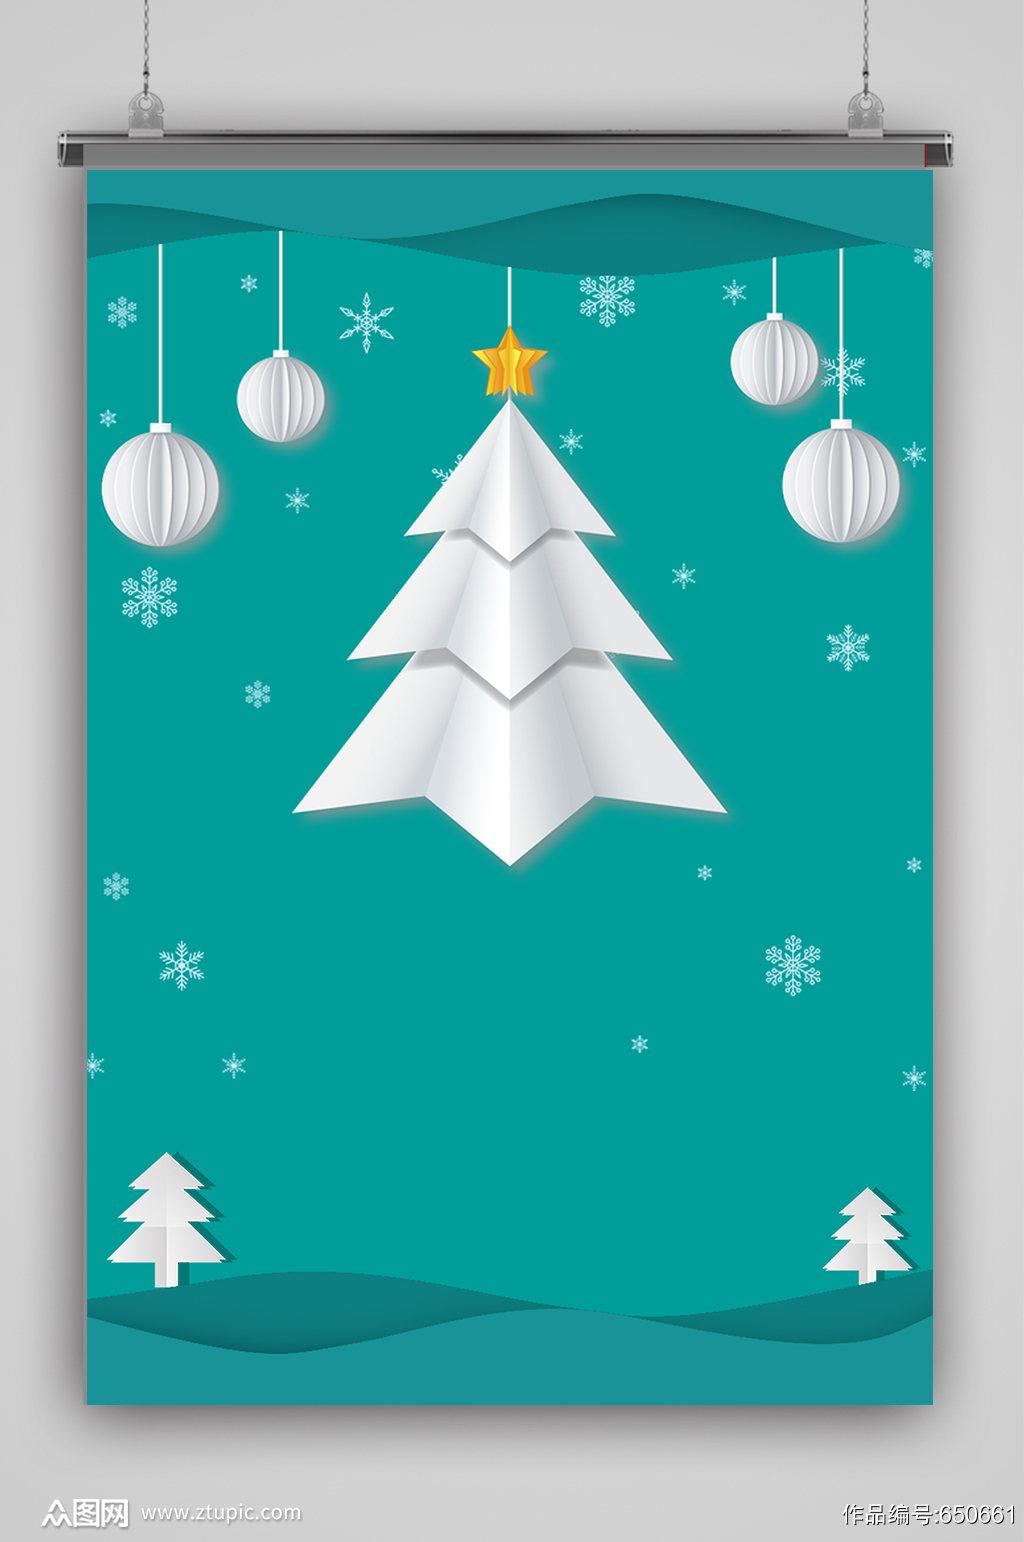 剪纸风圣诞海报背景素材